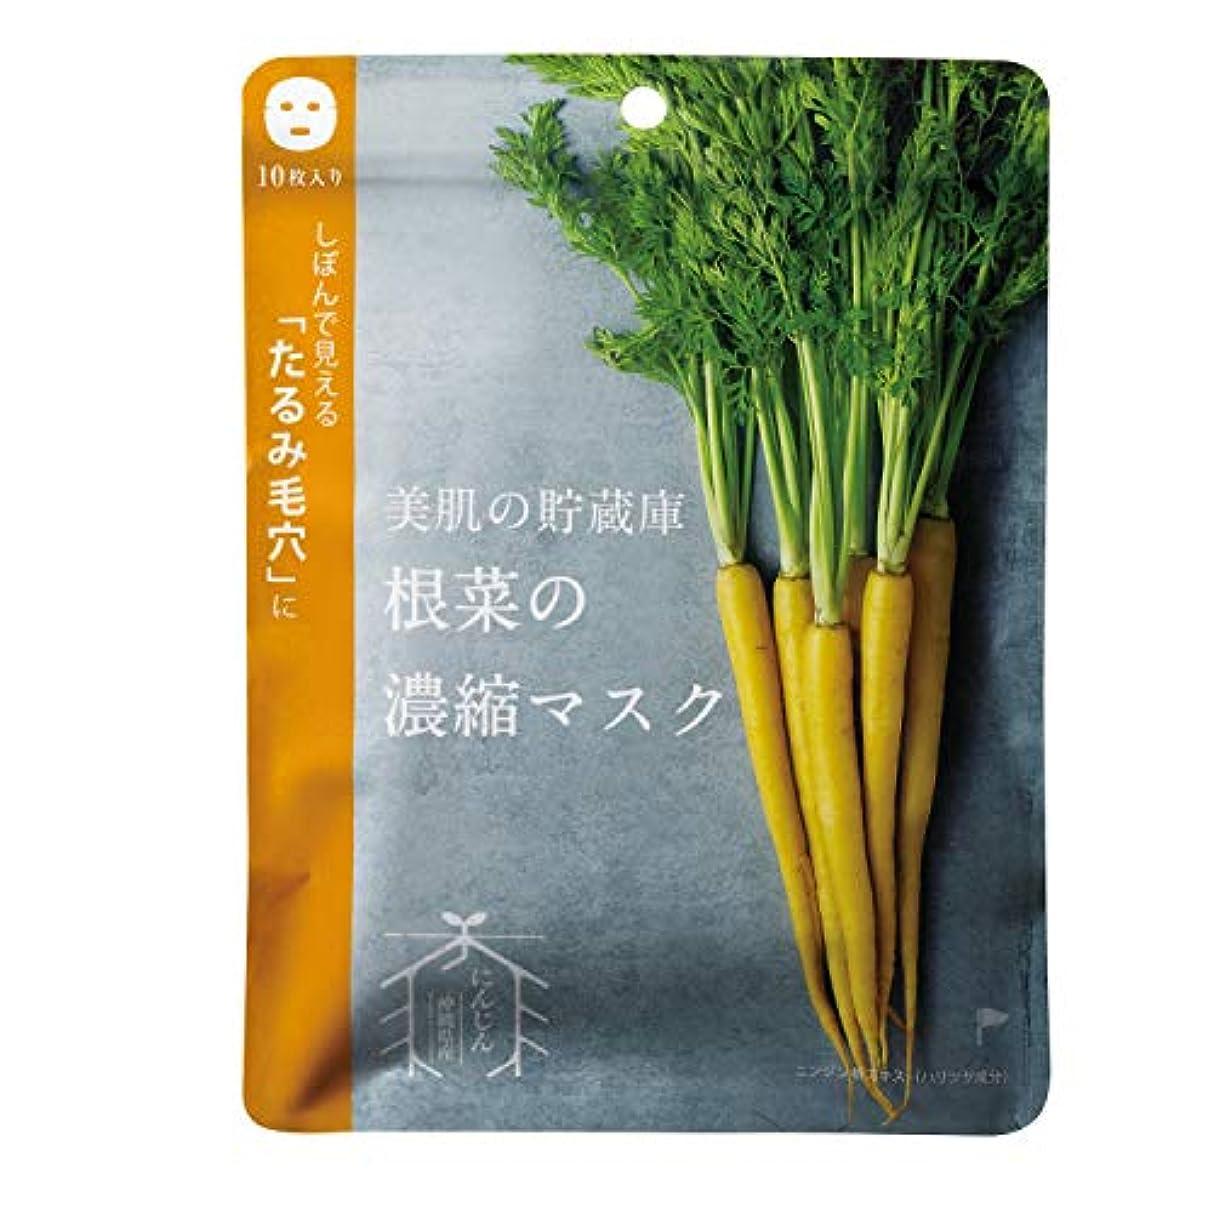 モート昆虫領域@cosme nippon 美肌の貯蔵庫 根菜の濃縮マスク 島にんじん 10枚 160ml